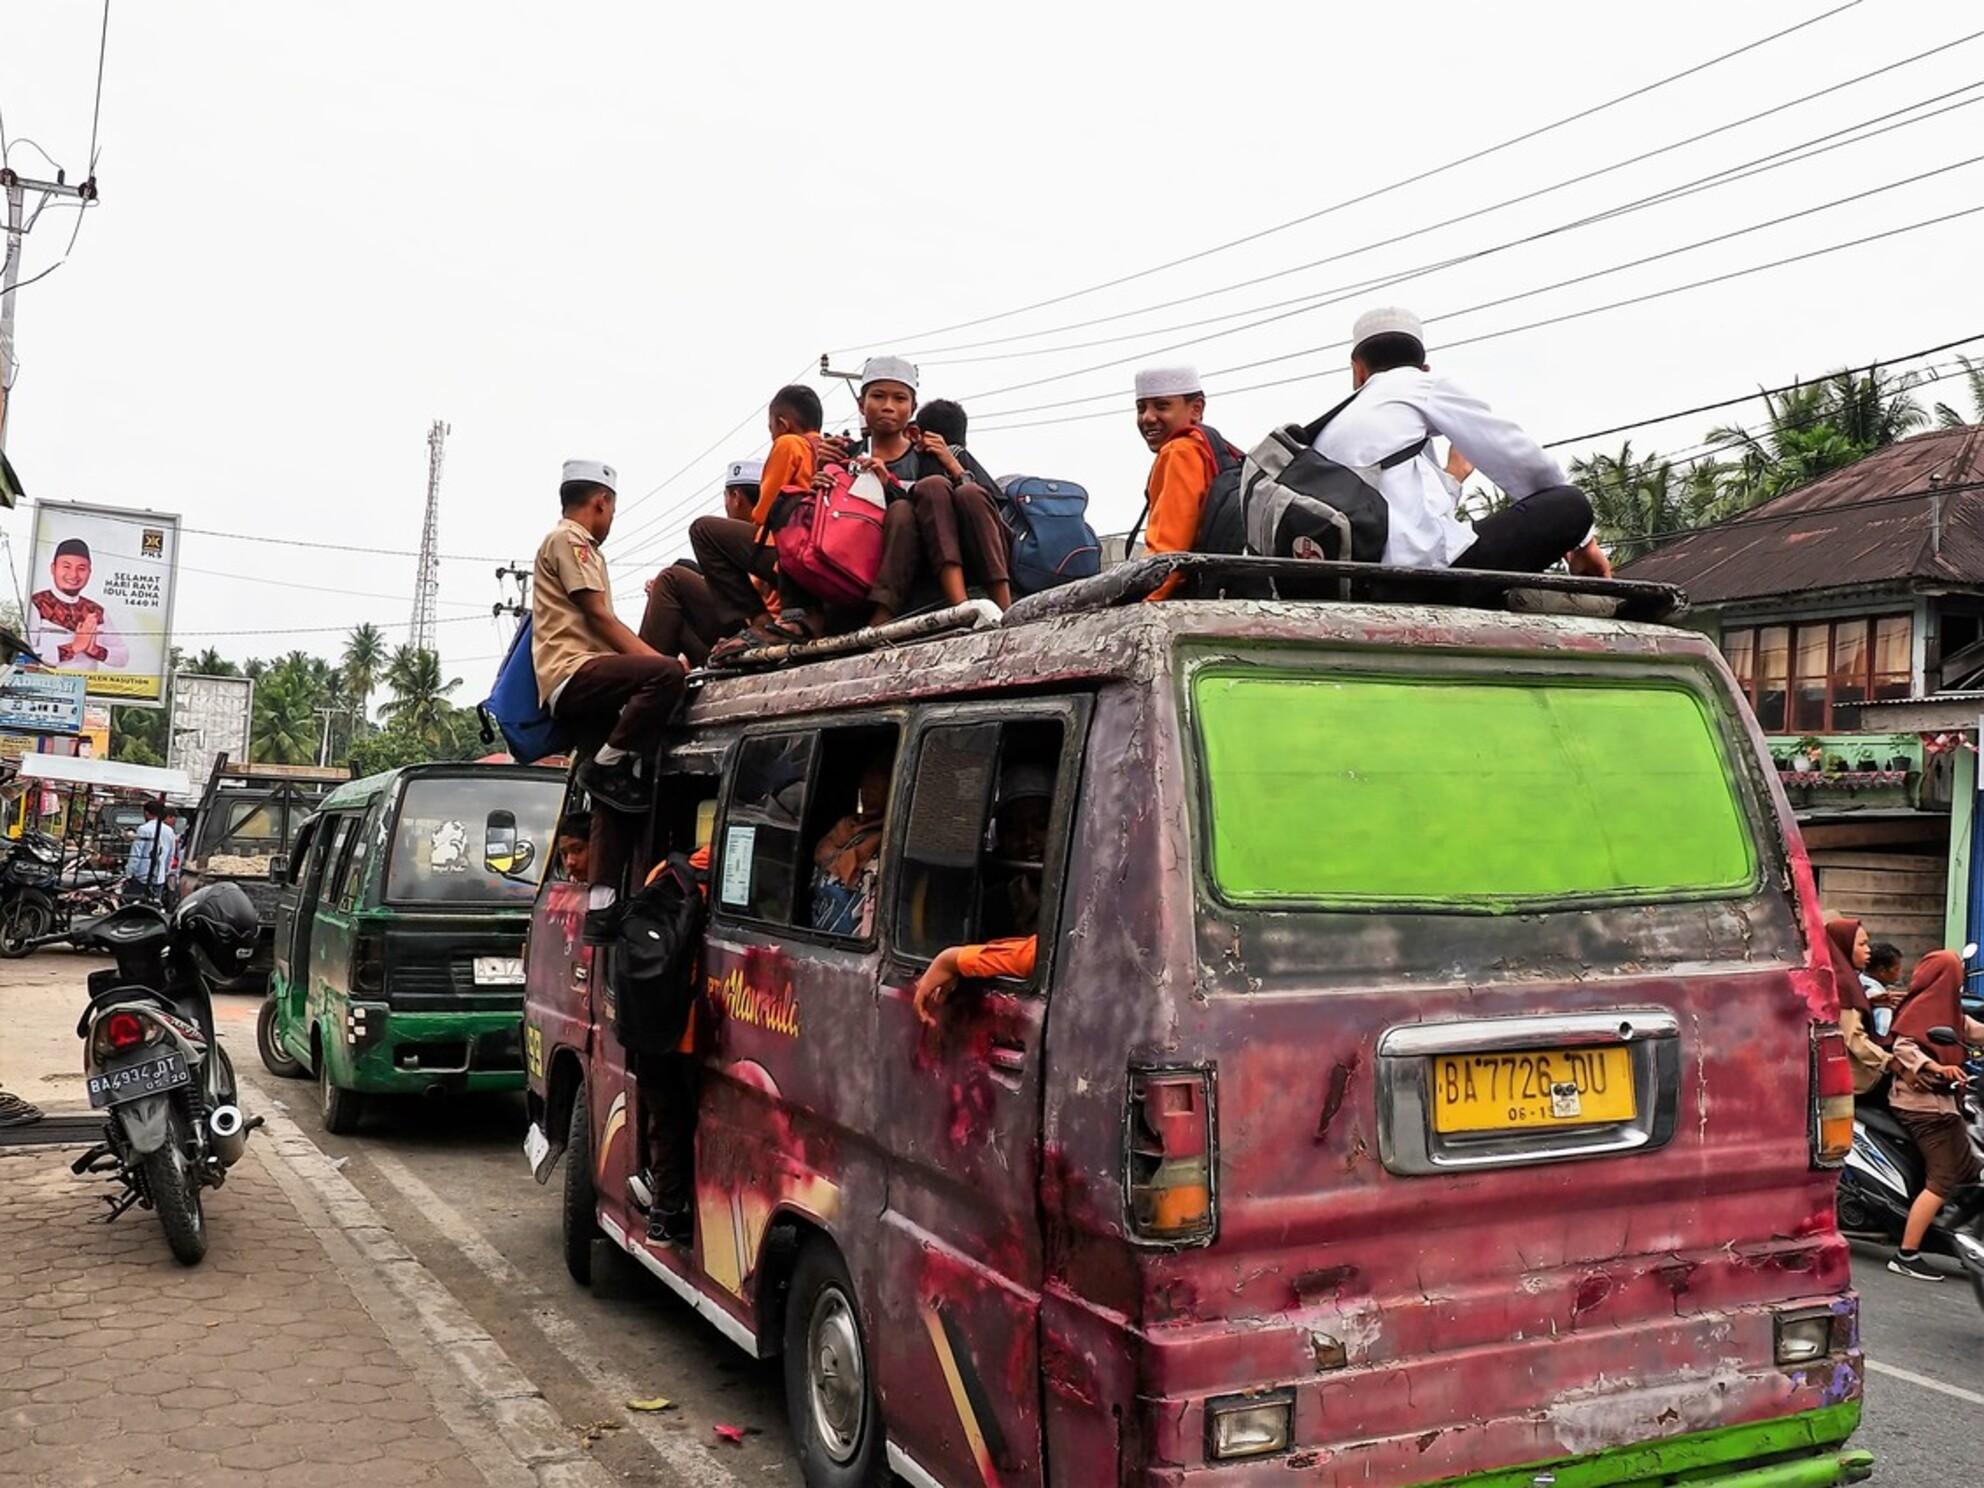 Mijn Reizen - En zo gaat  de school jeugd  naar school toe  levensgevaarlijk maar ja hier bij ons doen ze sommige ook heel toeren .    Bedankt voor de reacties  - foto door Stumpf op 03-03-2021 - Deze foto mag gebruikt worden in een Zoom.nl publicatie